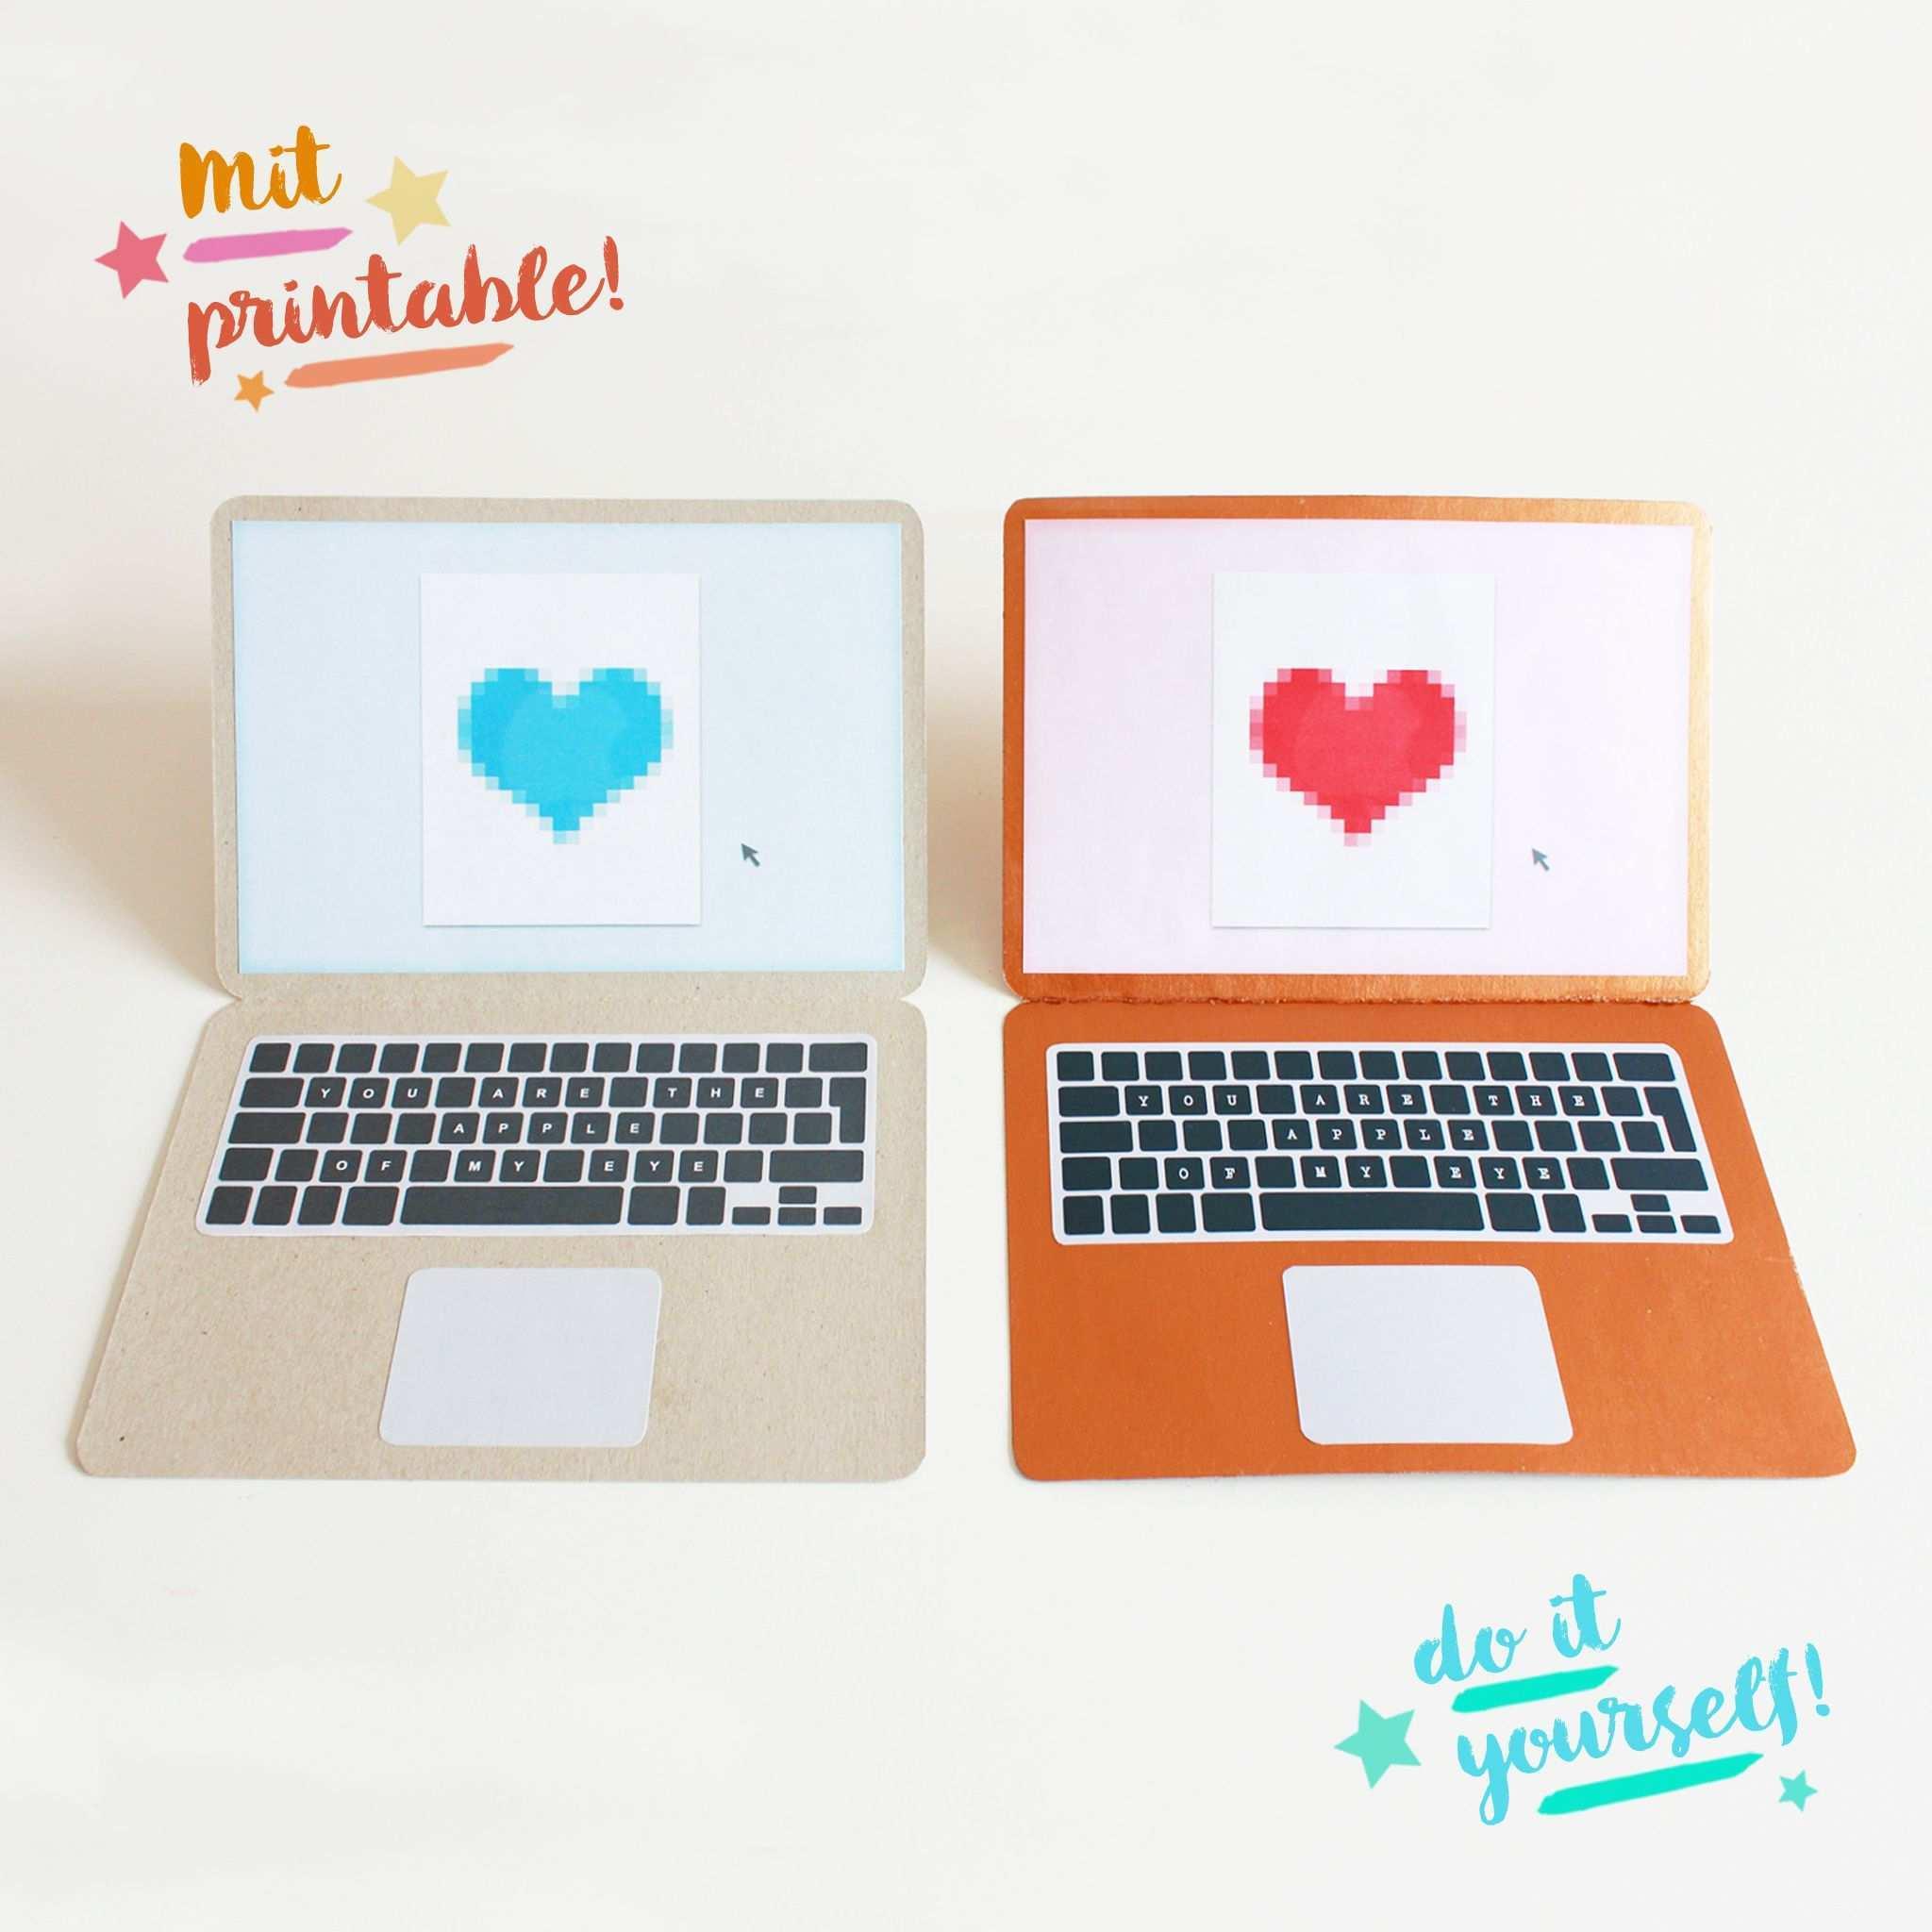 Diy Apple Karte Zum Valentinstag Basteln Free Printable Diy Blog Valentinstag Basteln Gutschein Erstellen Valentinstag